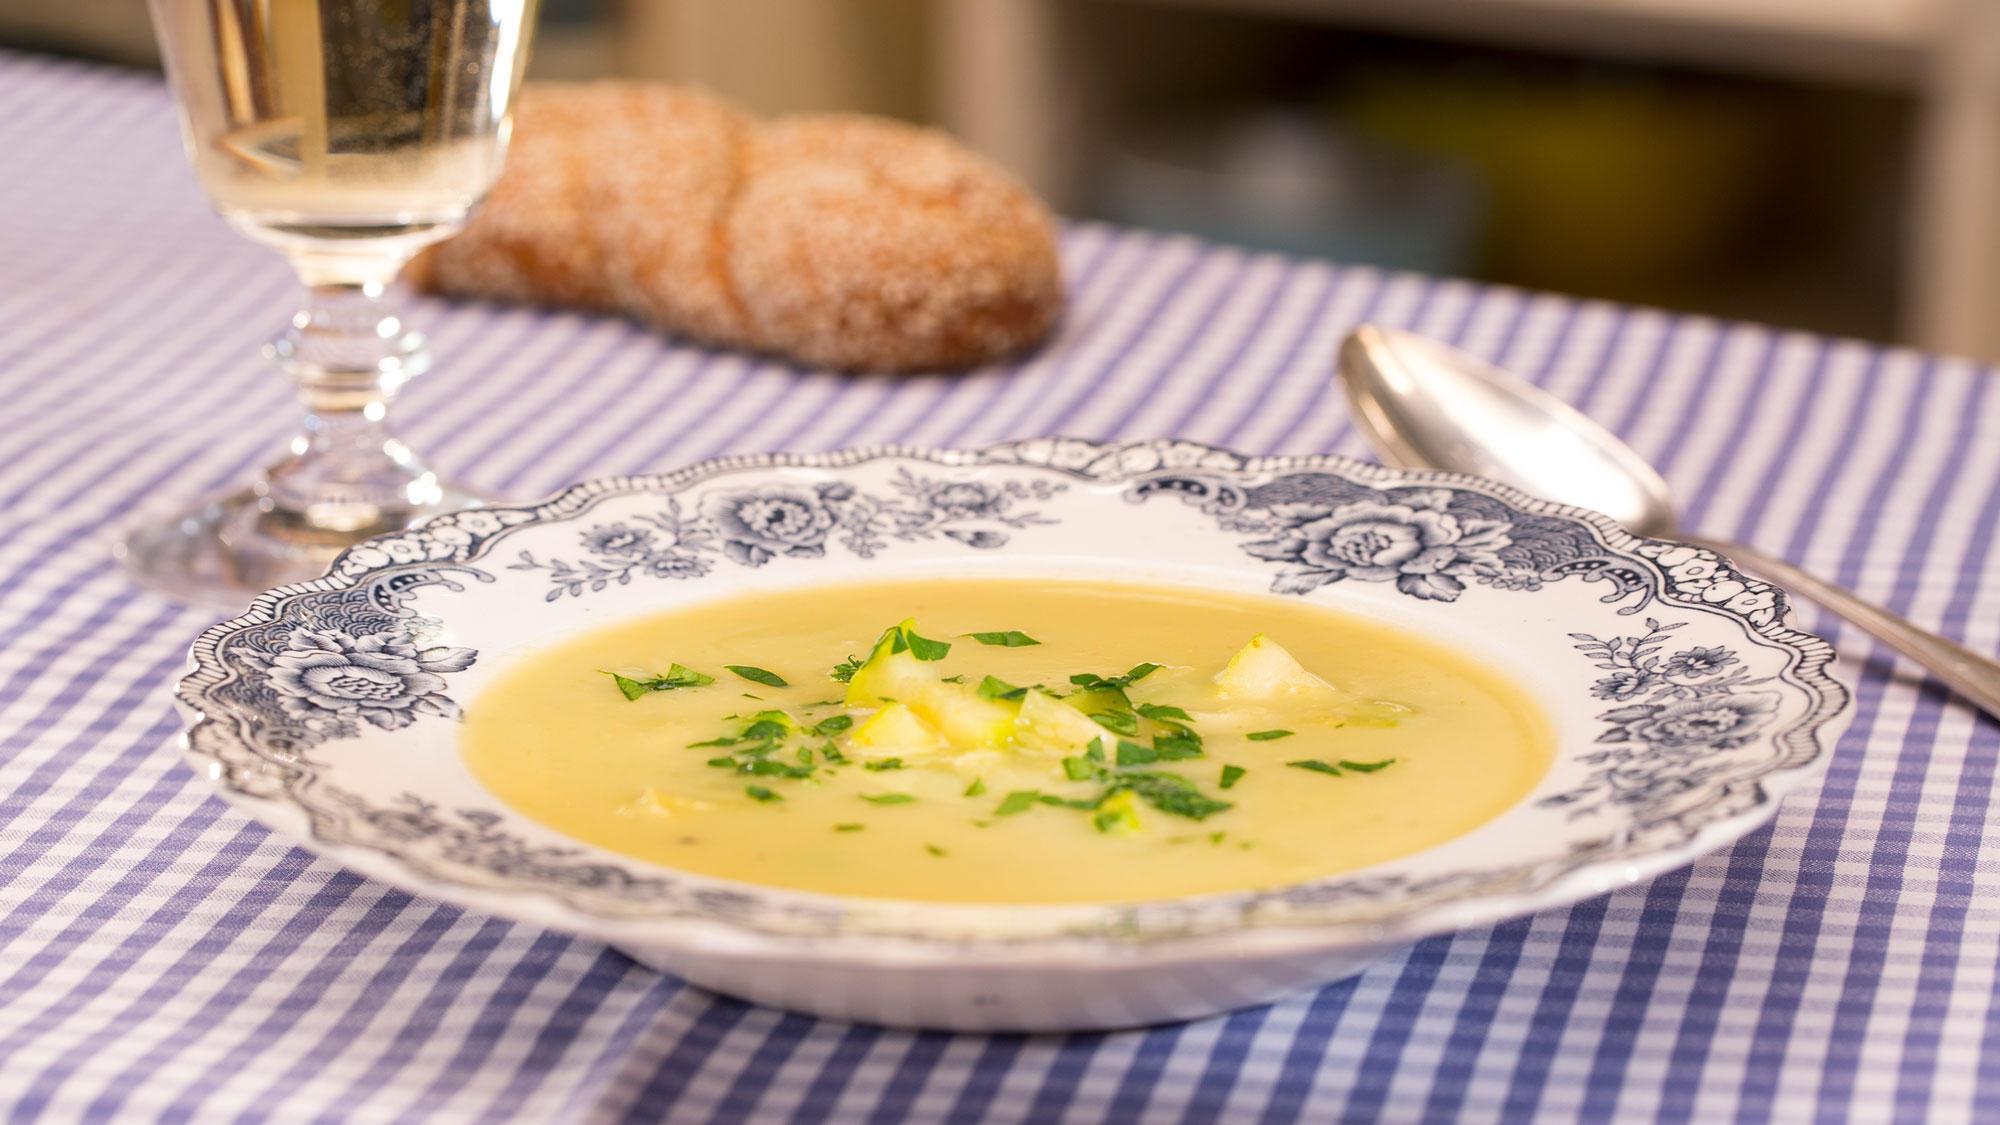 Sommerküche Brigitte : Sommerküche sommer suppen köstliche rezepte brigitte